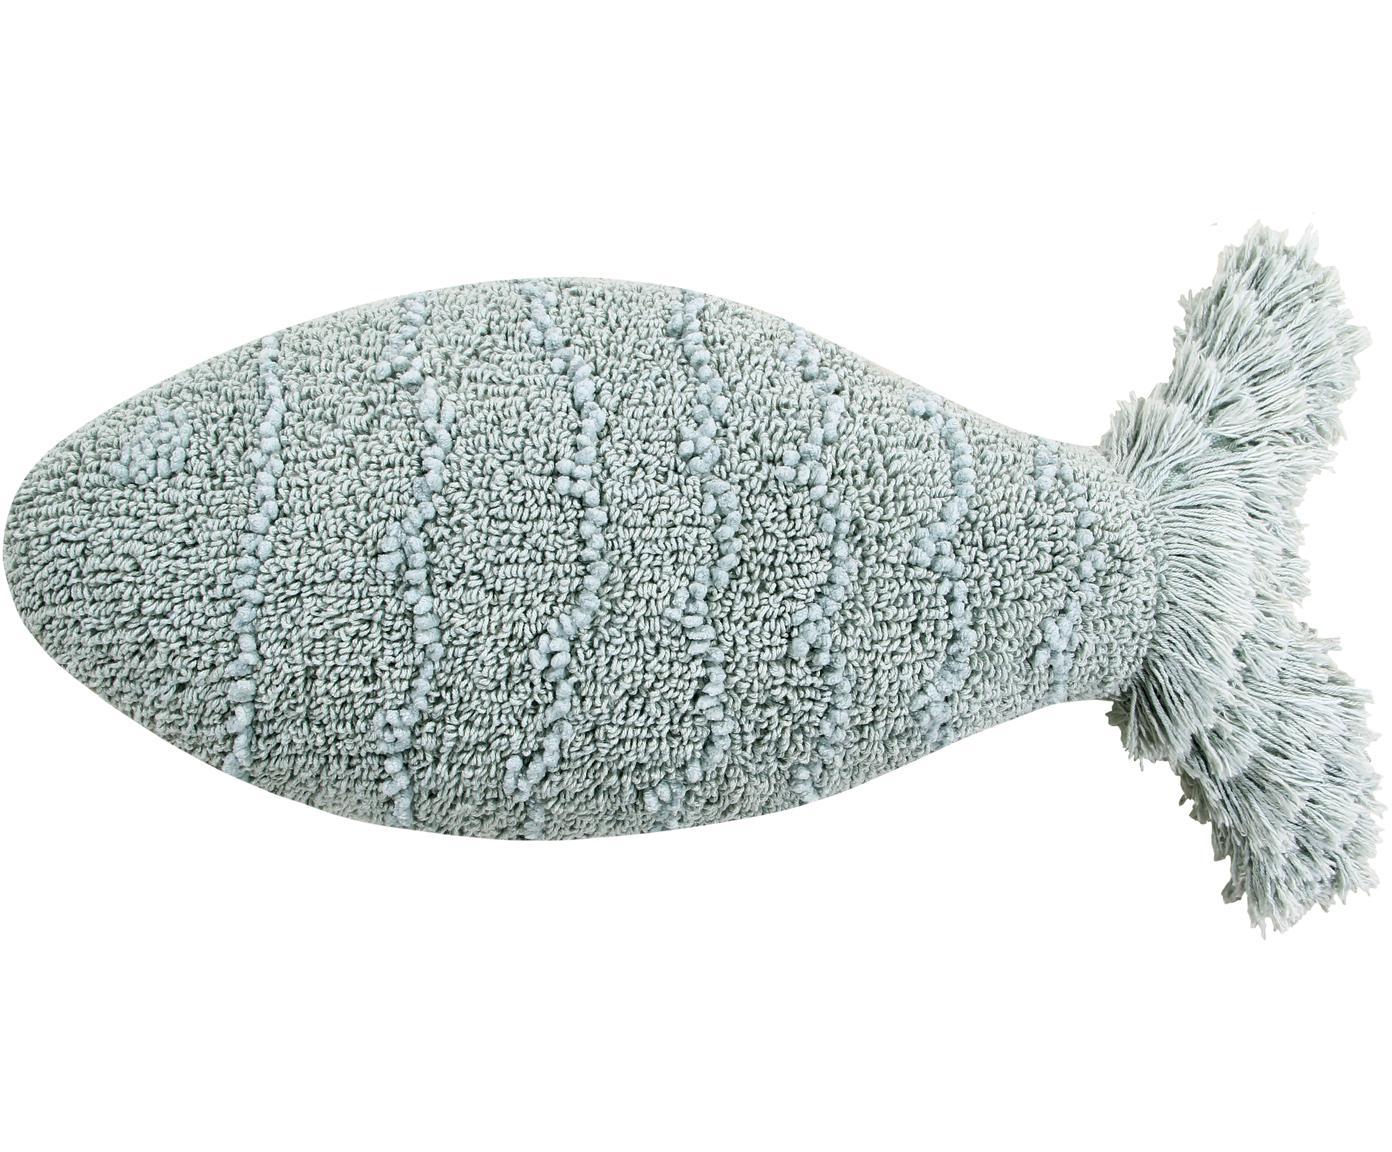 Kissen Baby Fish, mit Inlett, Bezug: 97% Baumwolle, 3% recycel, Blau, 30 x 60 cm